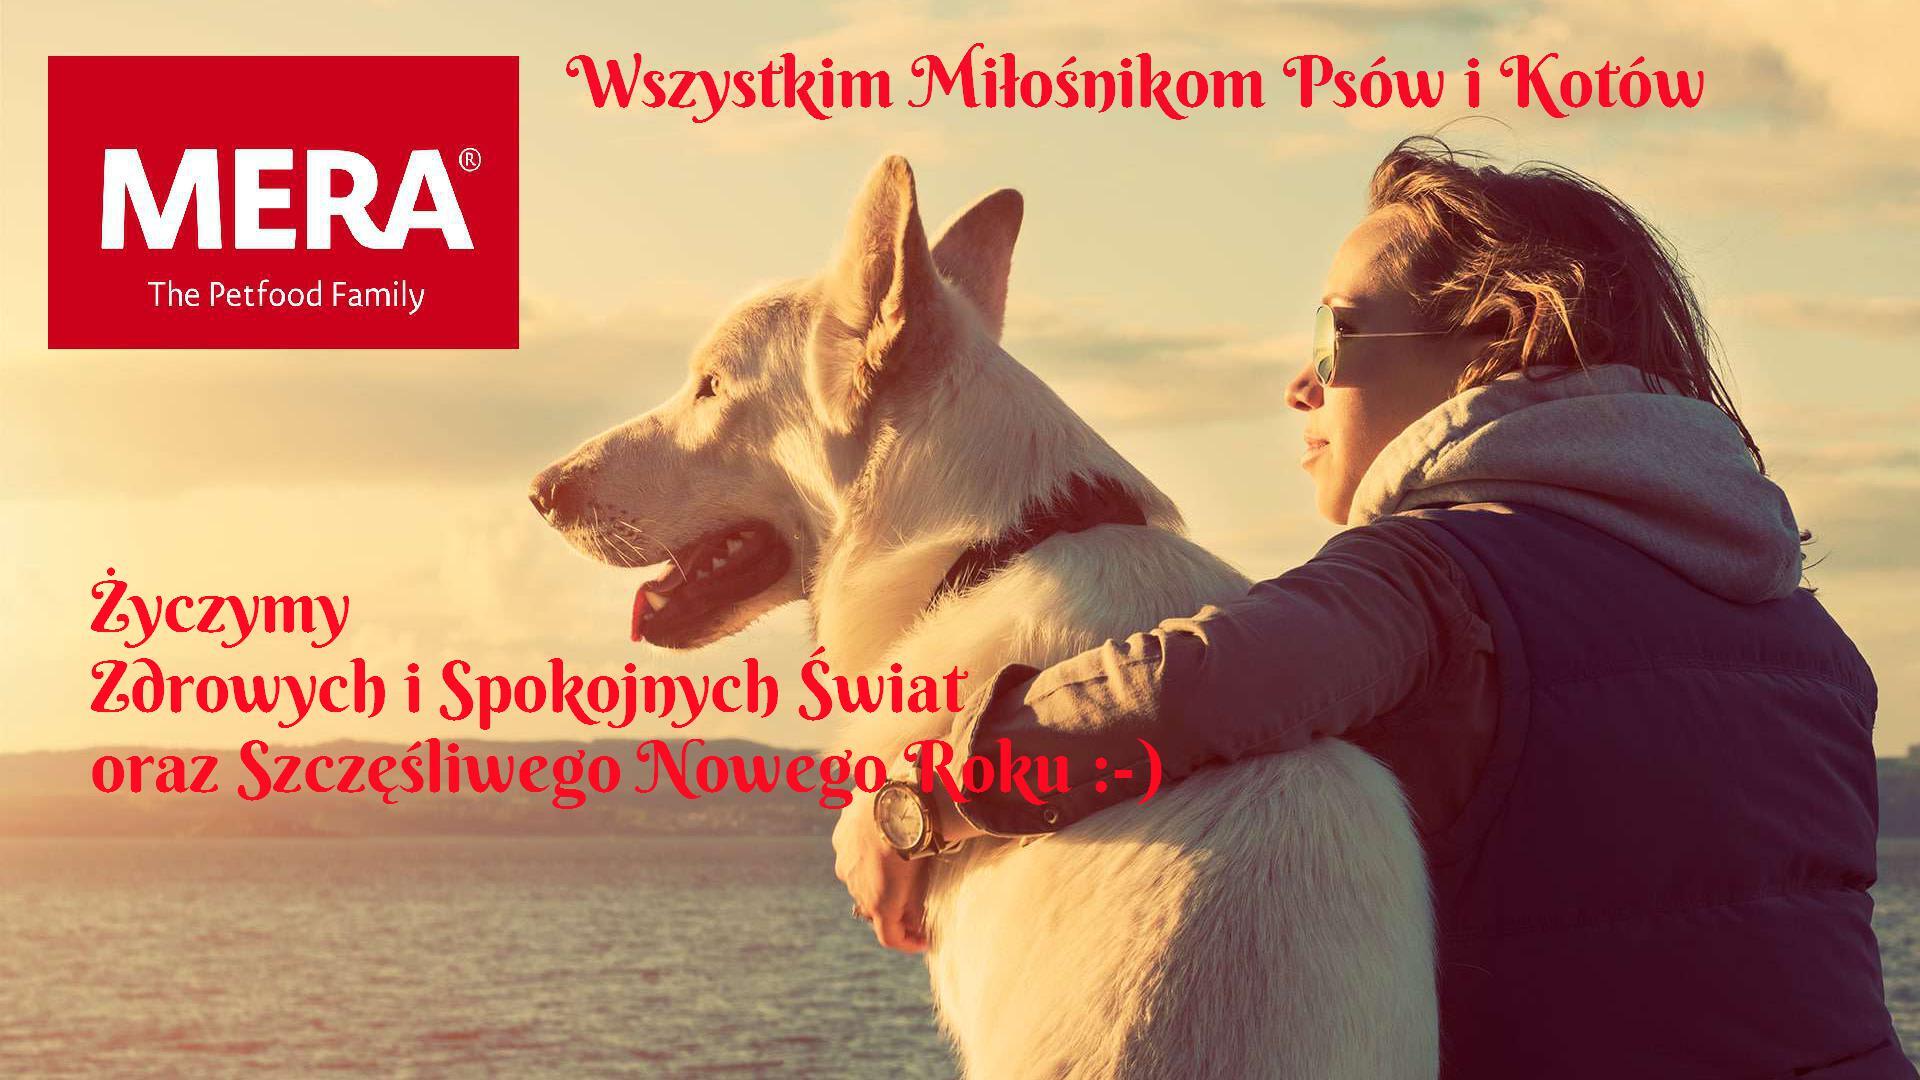 Mera Polska